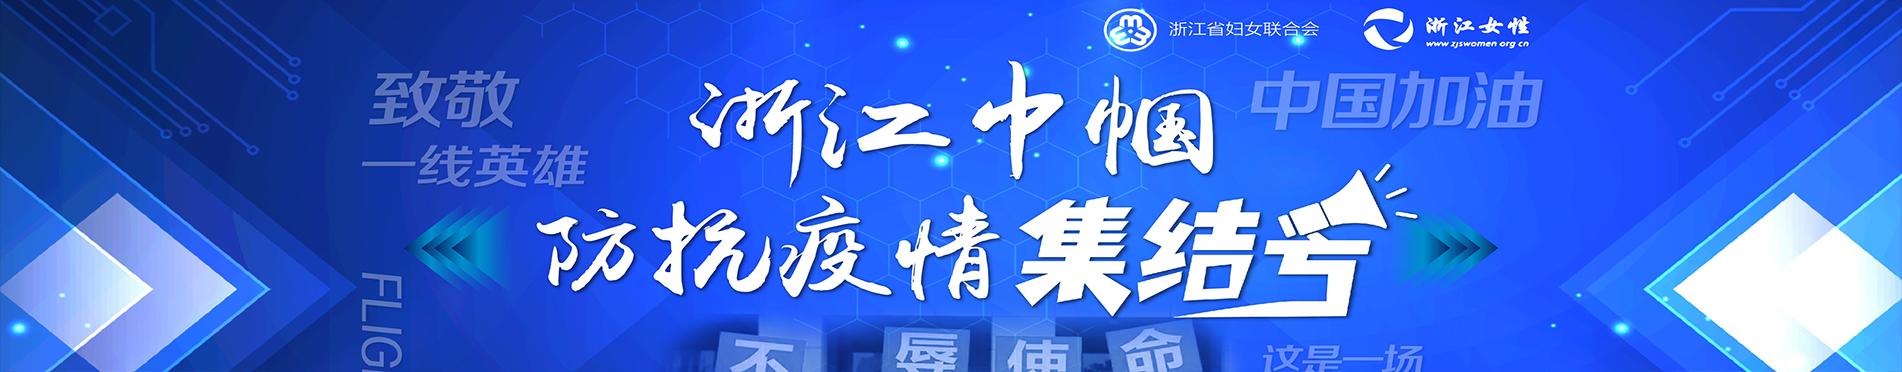 浙江巾帼防抗疫情集结